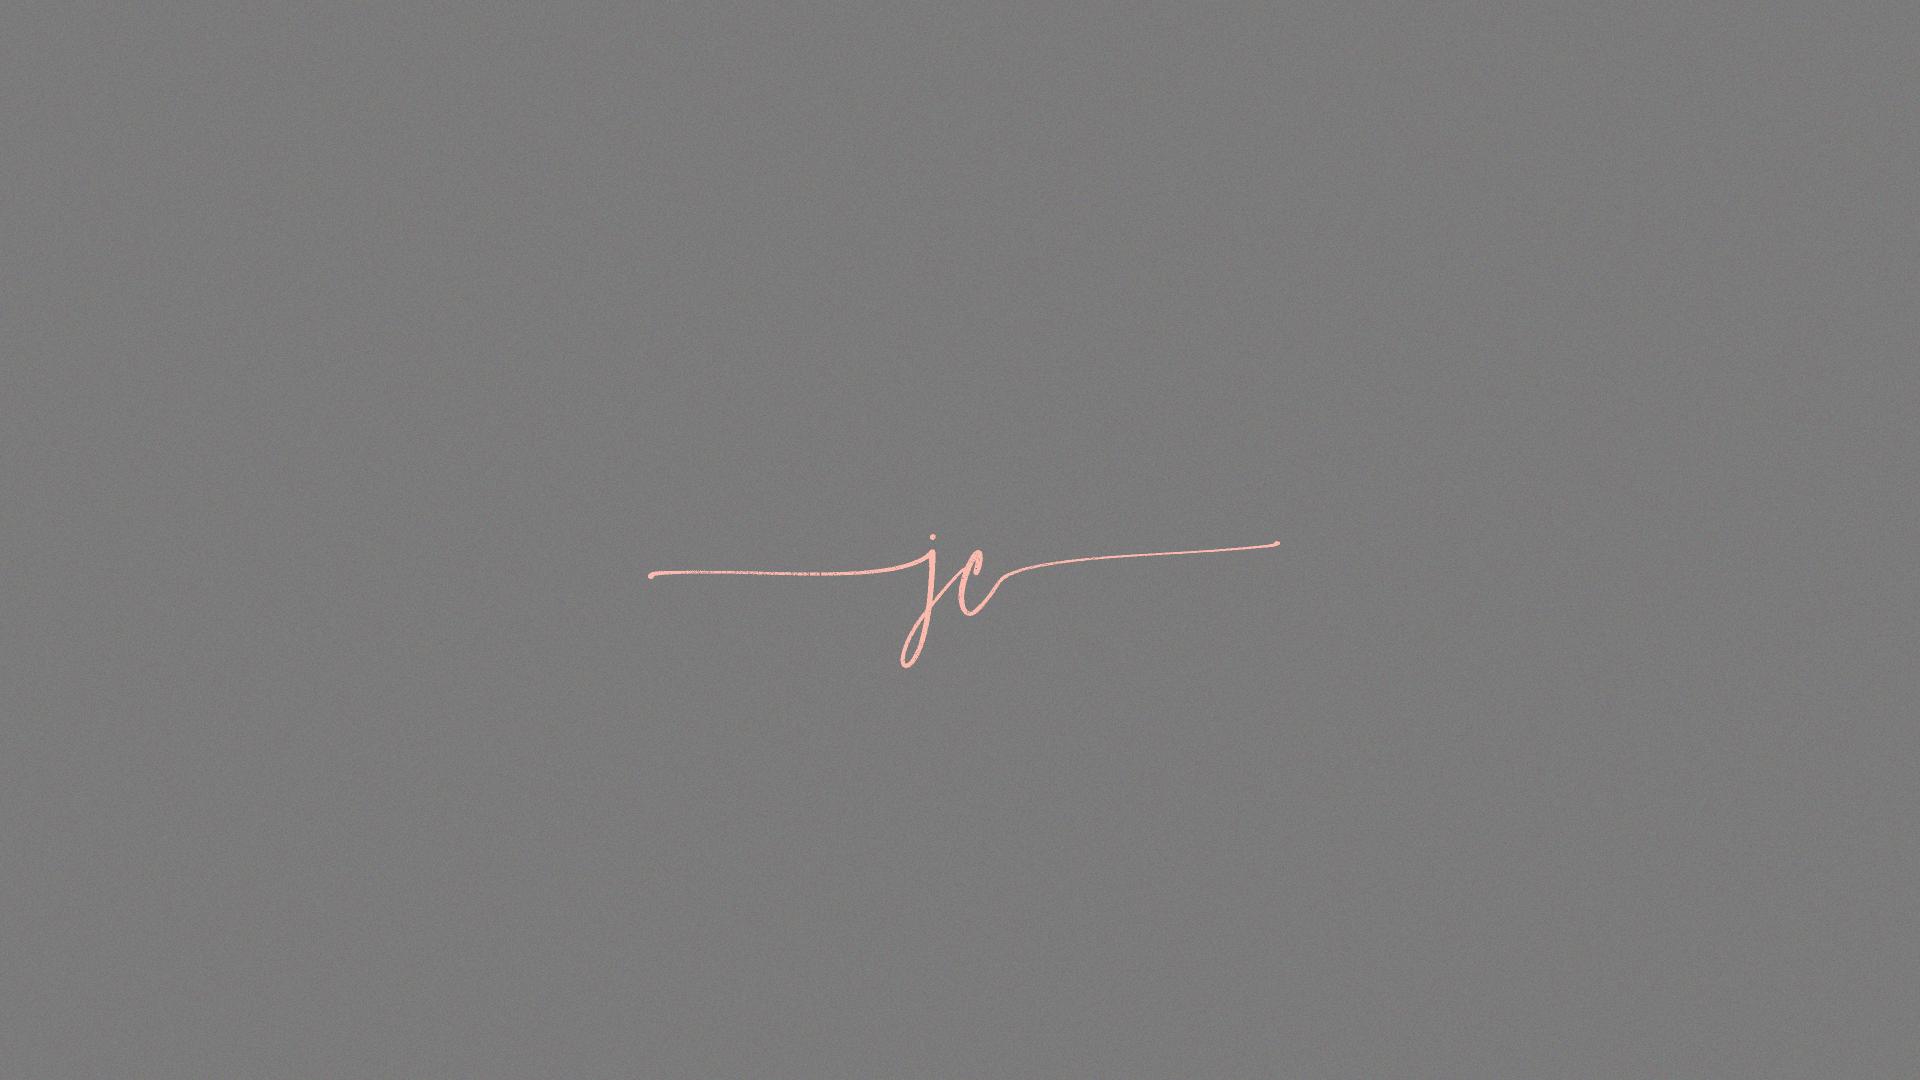 monogram-foil-gray-jud-criner-yoenpaperland